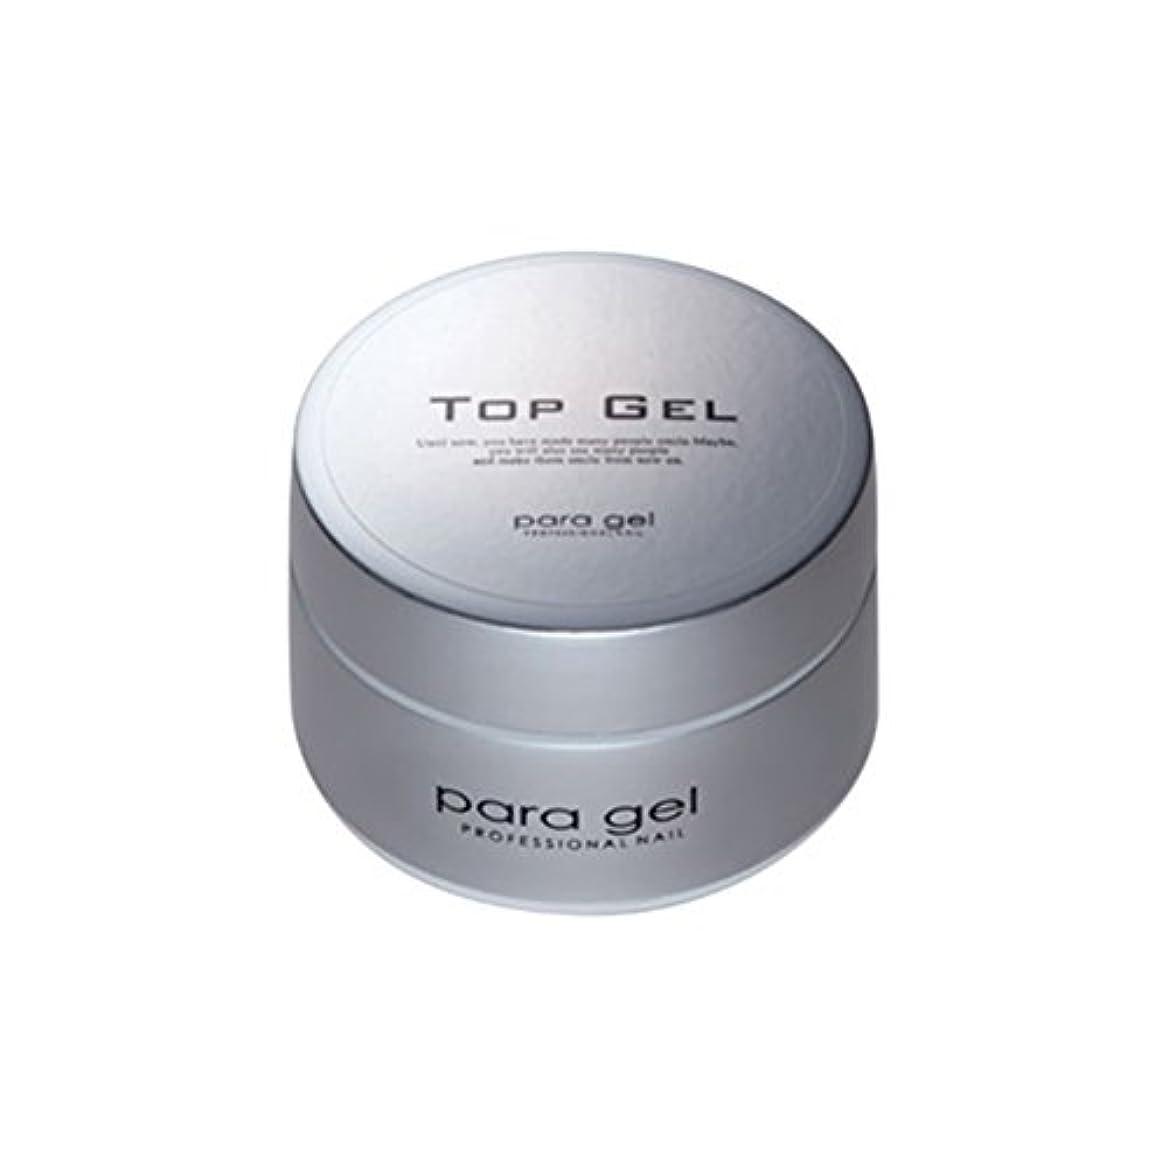 日付付き一貫性のない締めるpara gel トップジェル 10g